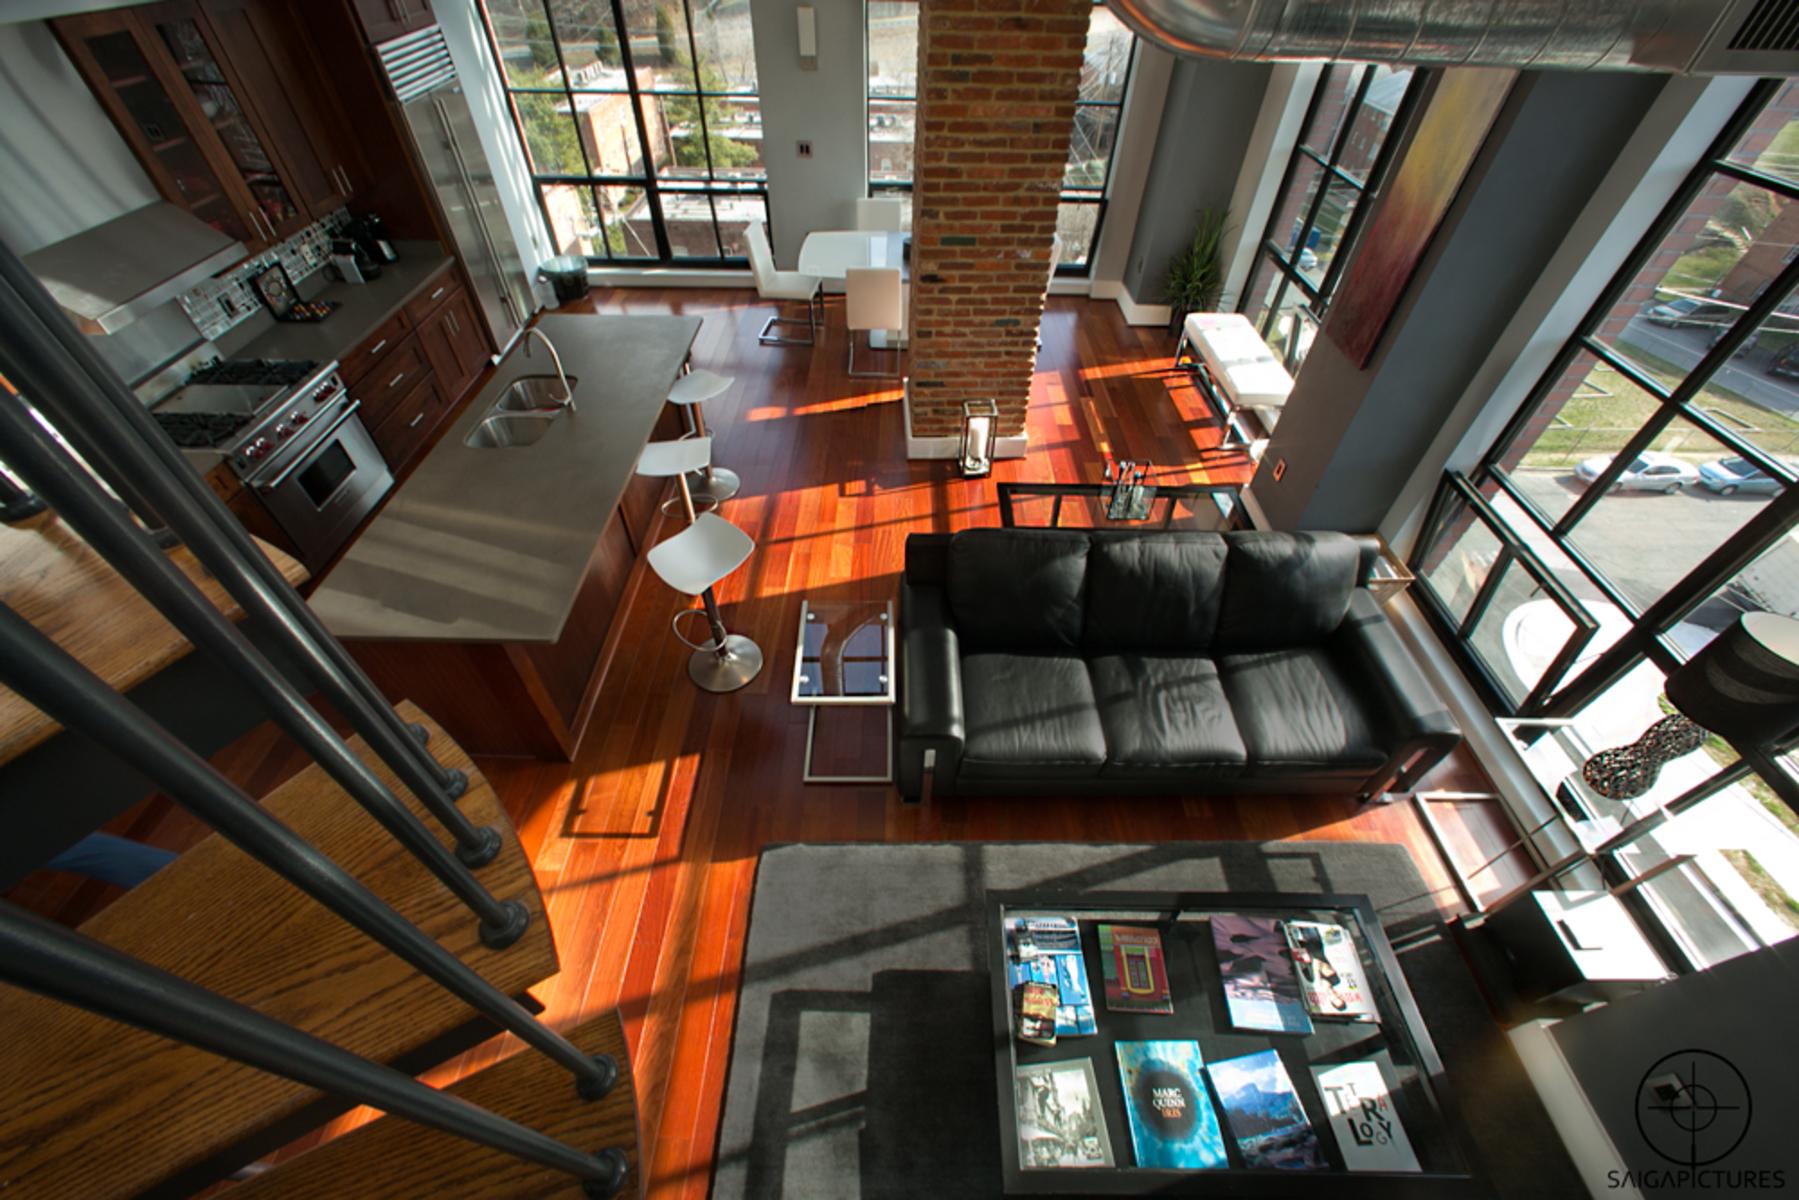 Πολυκατοικία ατομικής ιδιοκτησίας για την Ενοίκιο στο Wooster Mercer 1615 N Queen Street N M602 Arlington, Βιρτζινια 22209 Ηνωμενεσ Πολιτειεσ